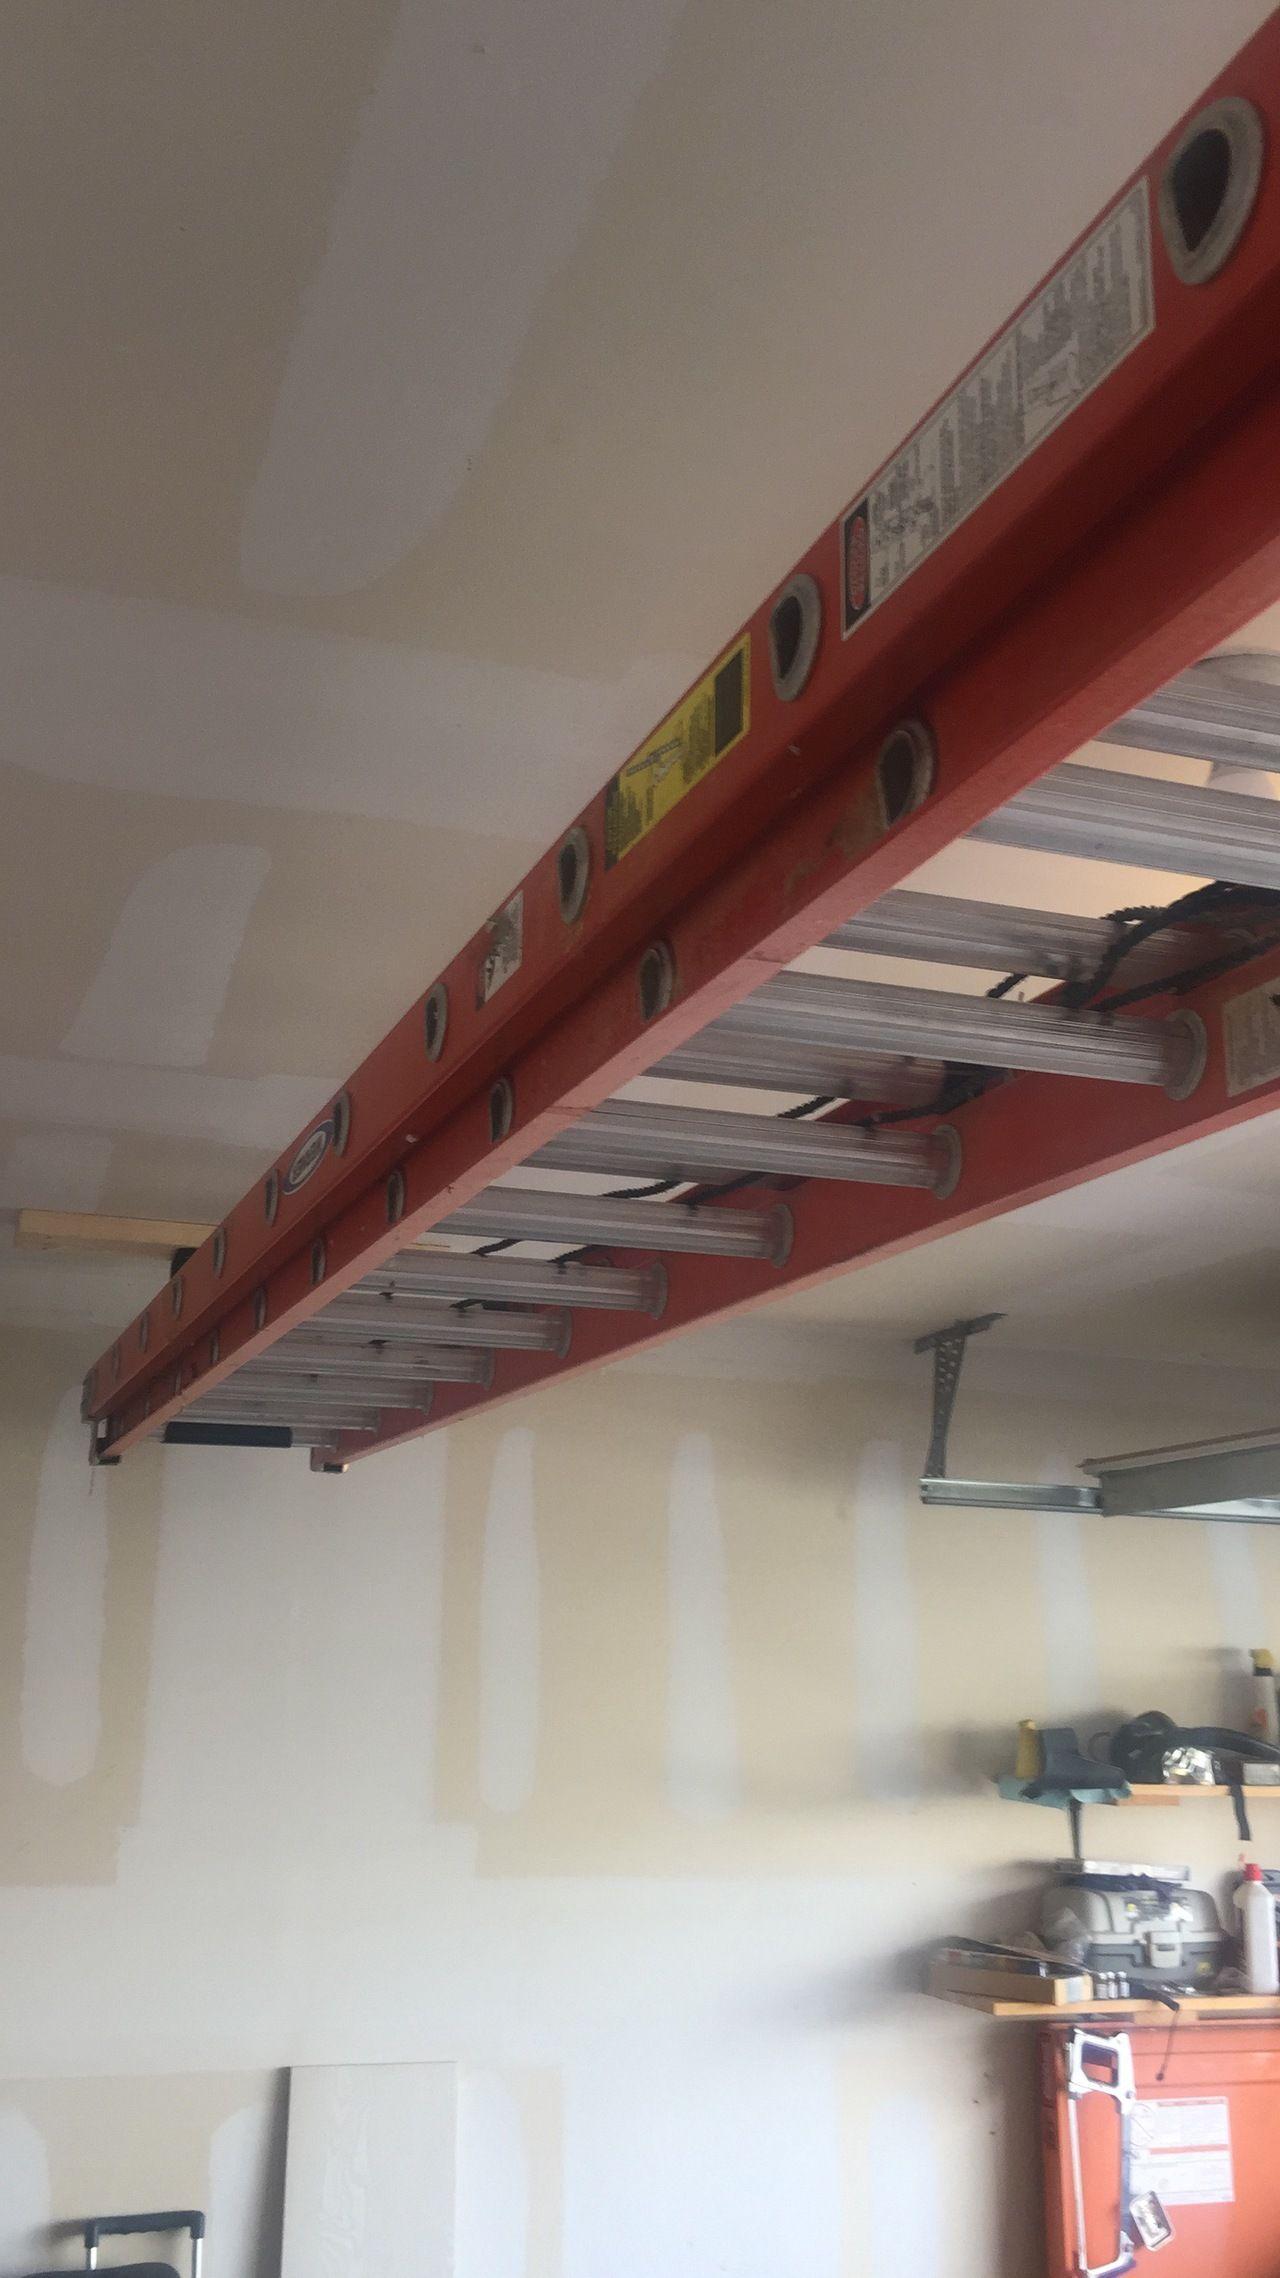 Ceiling Ladder Rack Garage Storage Overhead Garage Storage